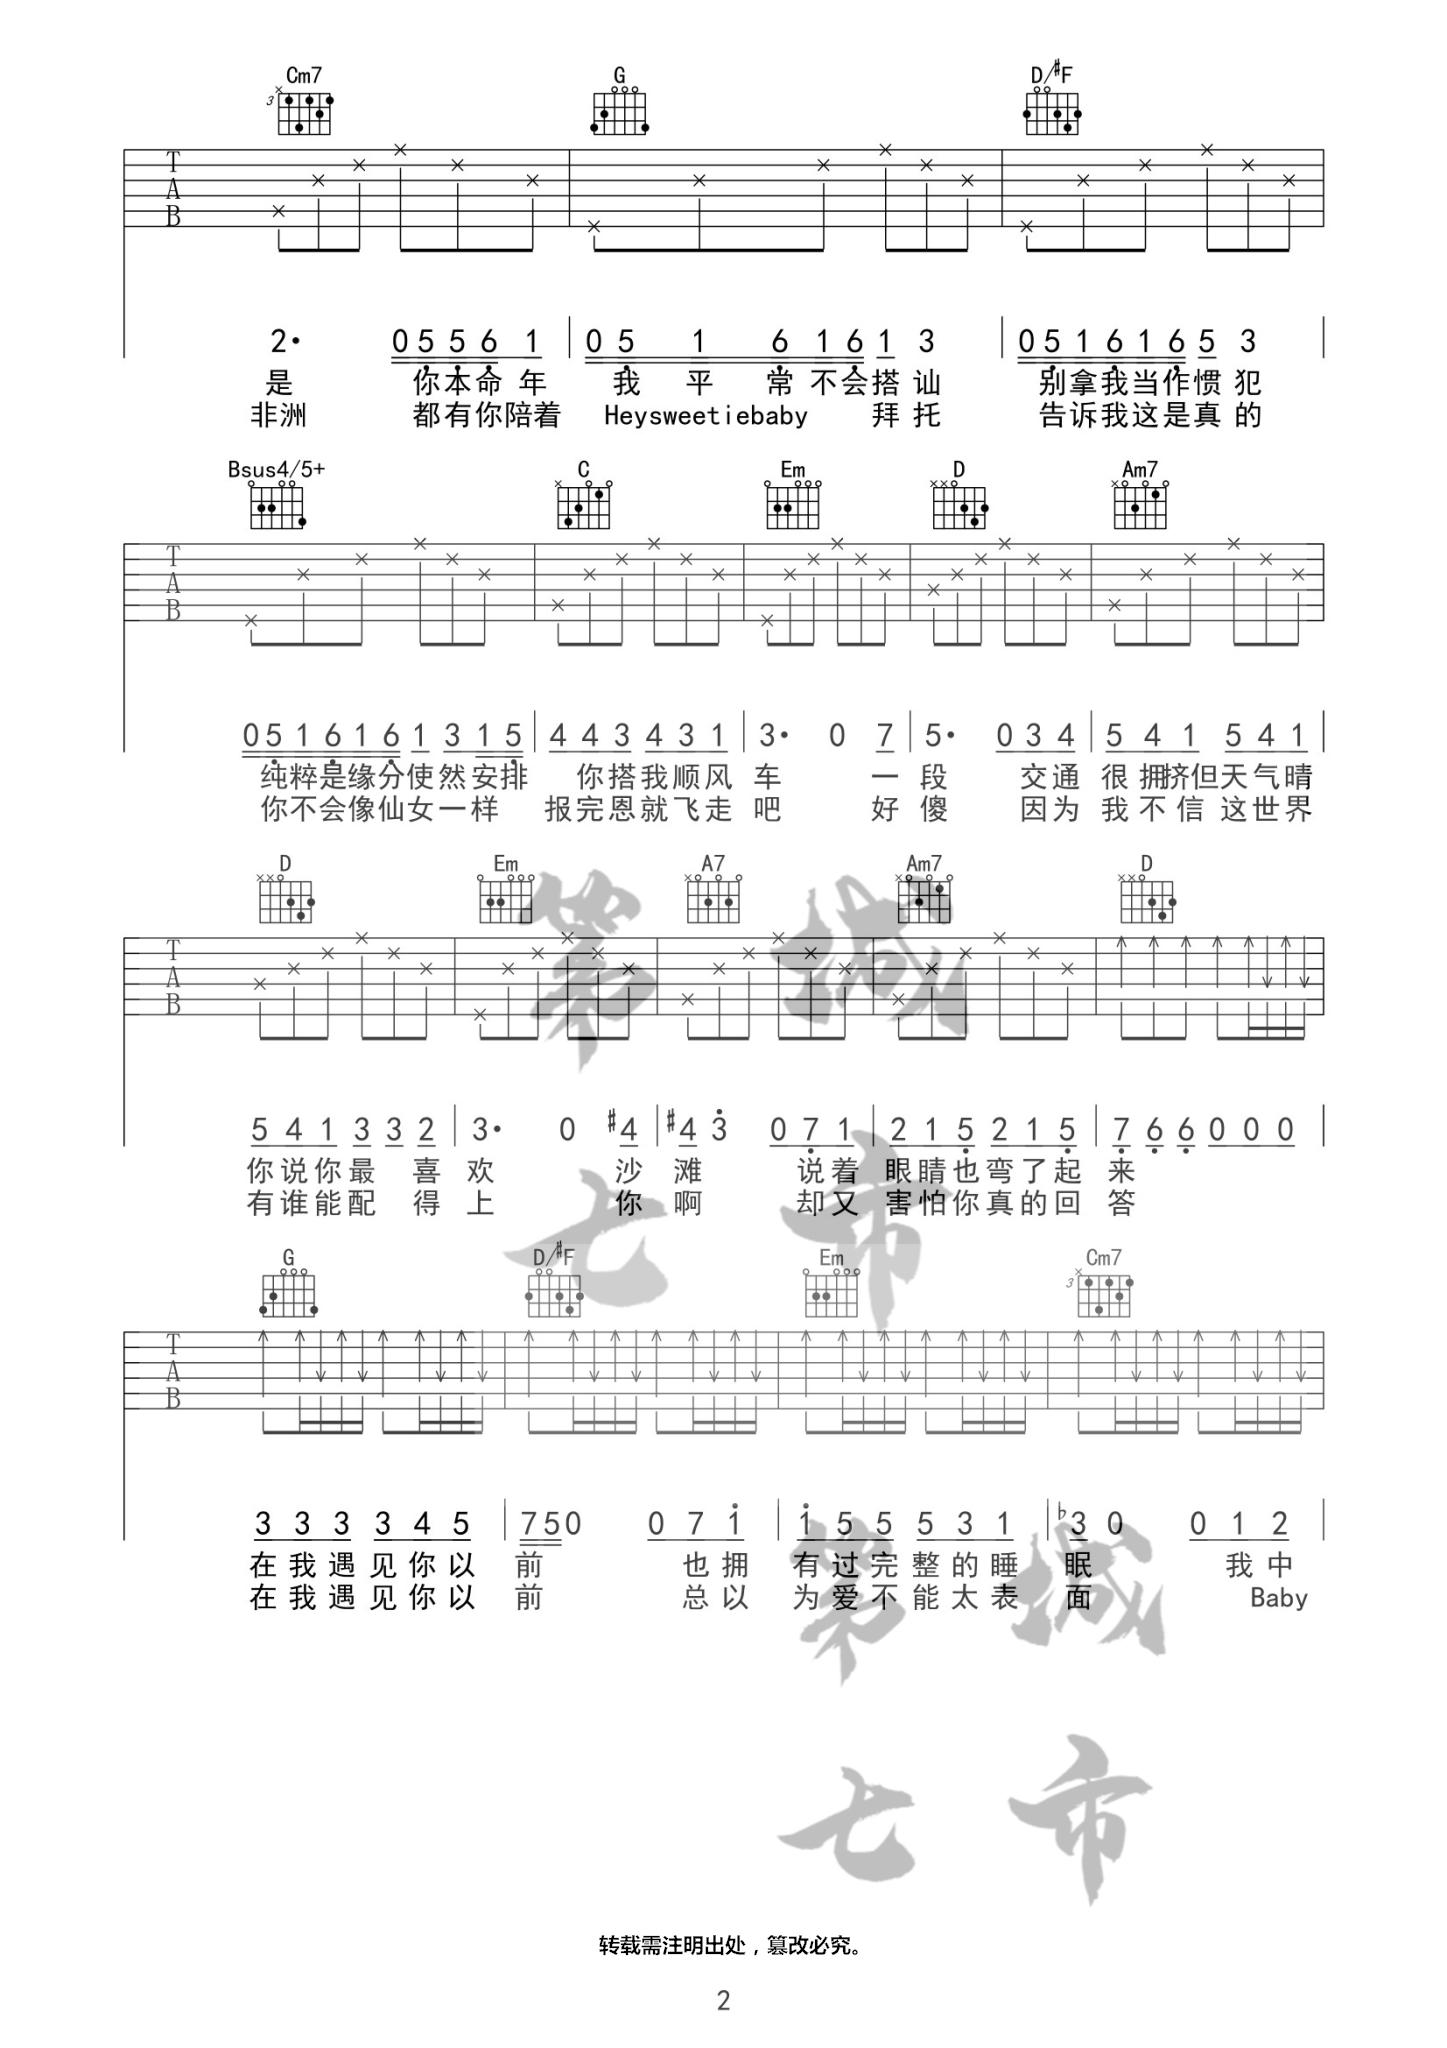 彩券吉他谱(图片谱,薛之谦,彩券,第七城市)_薛之谦_彩券水印2.jpg